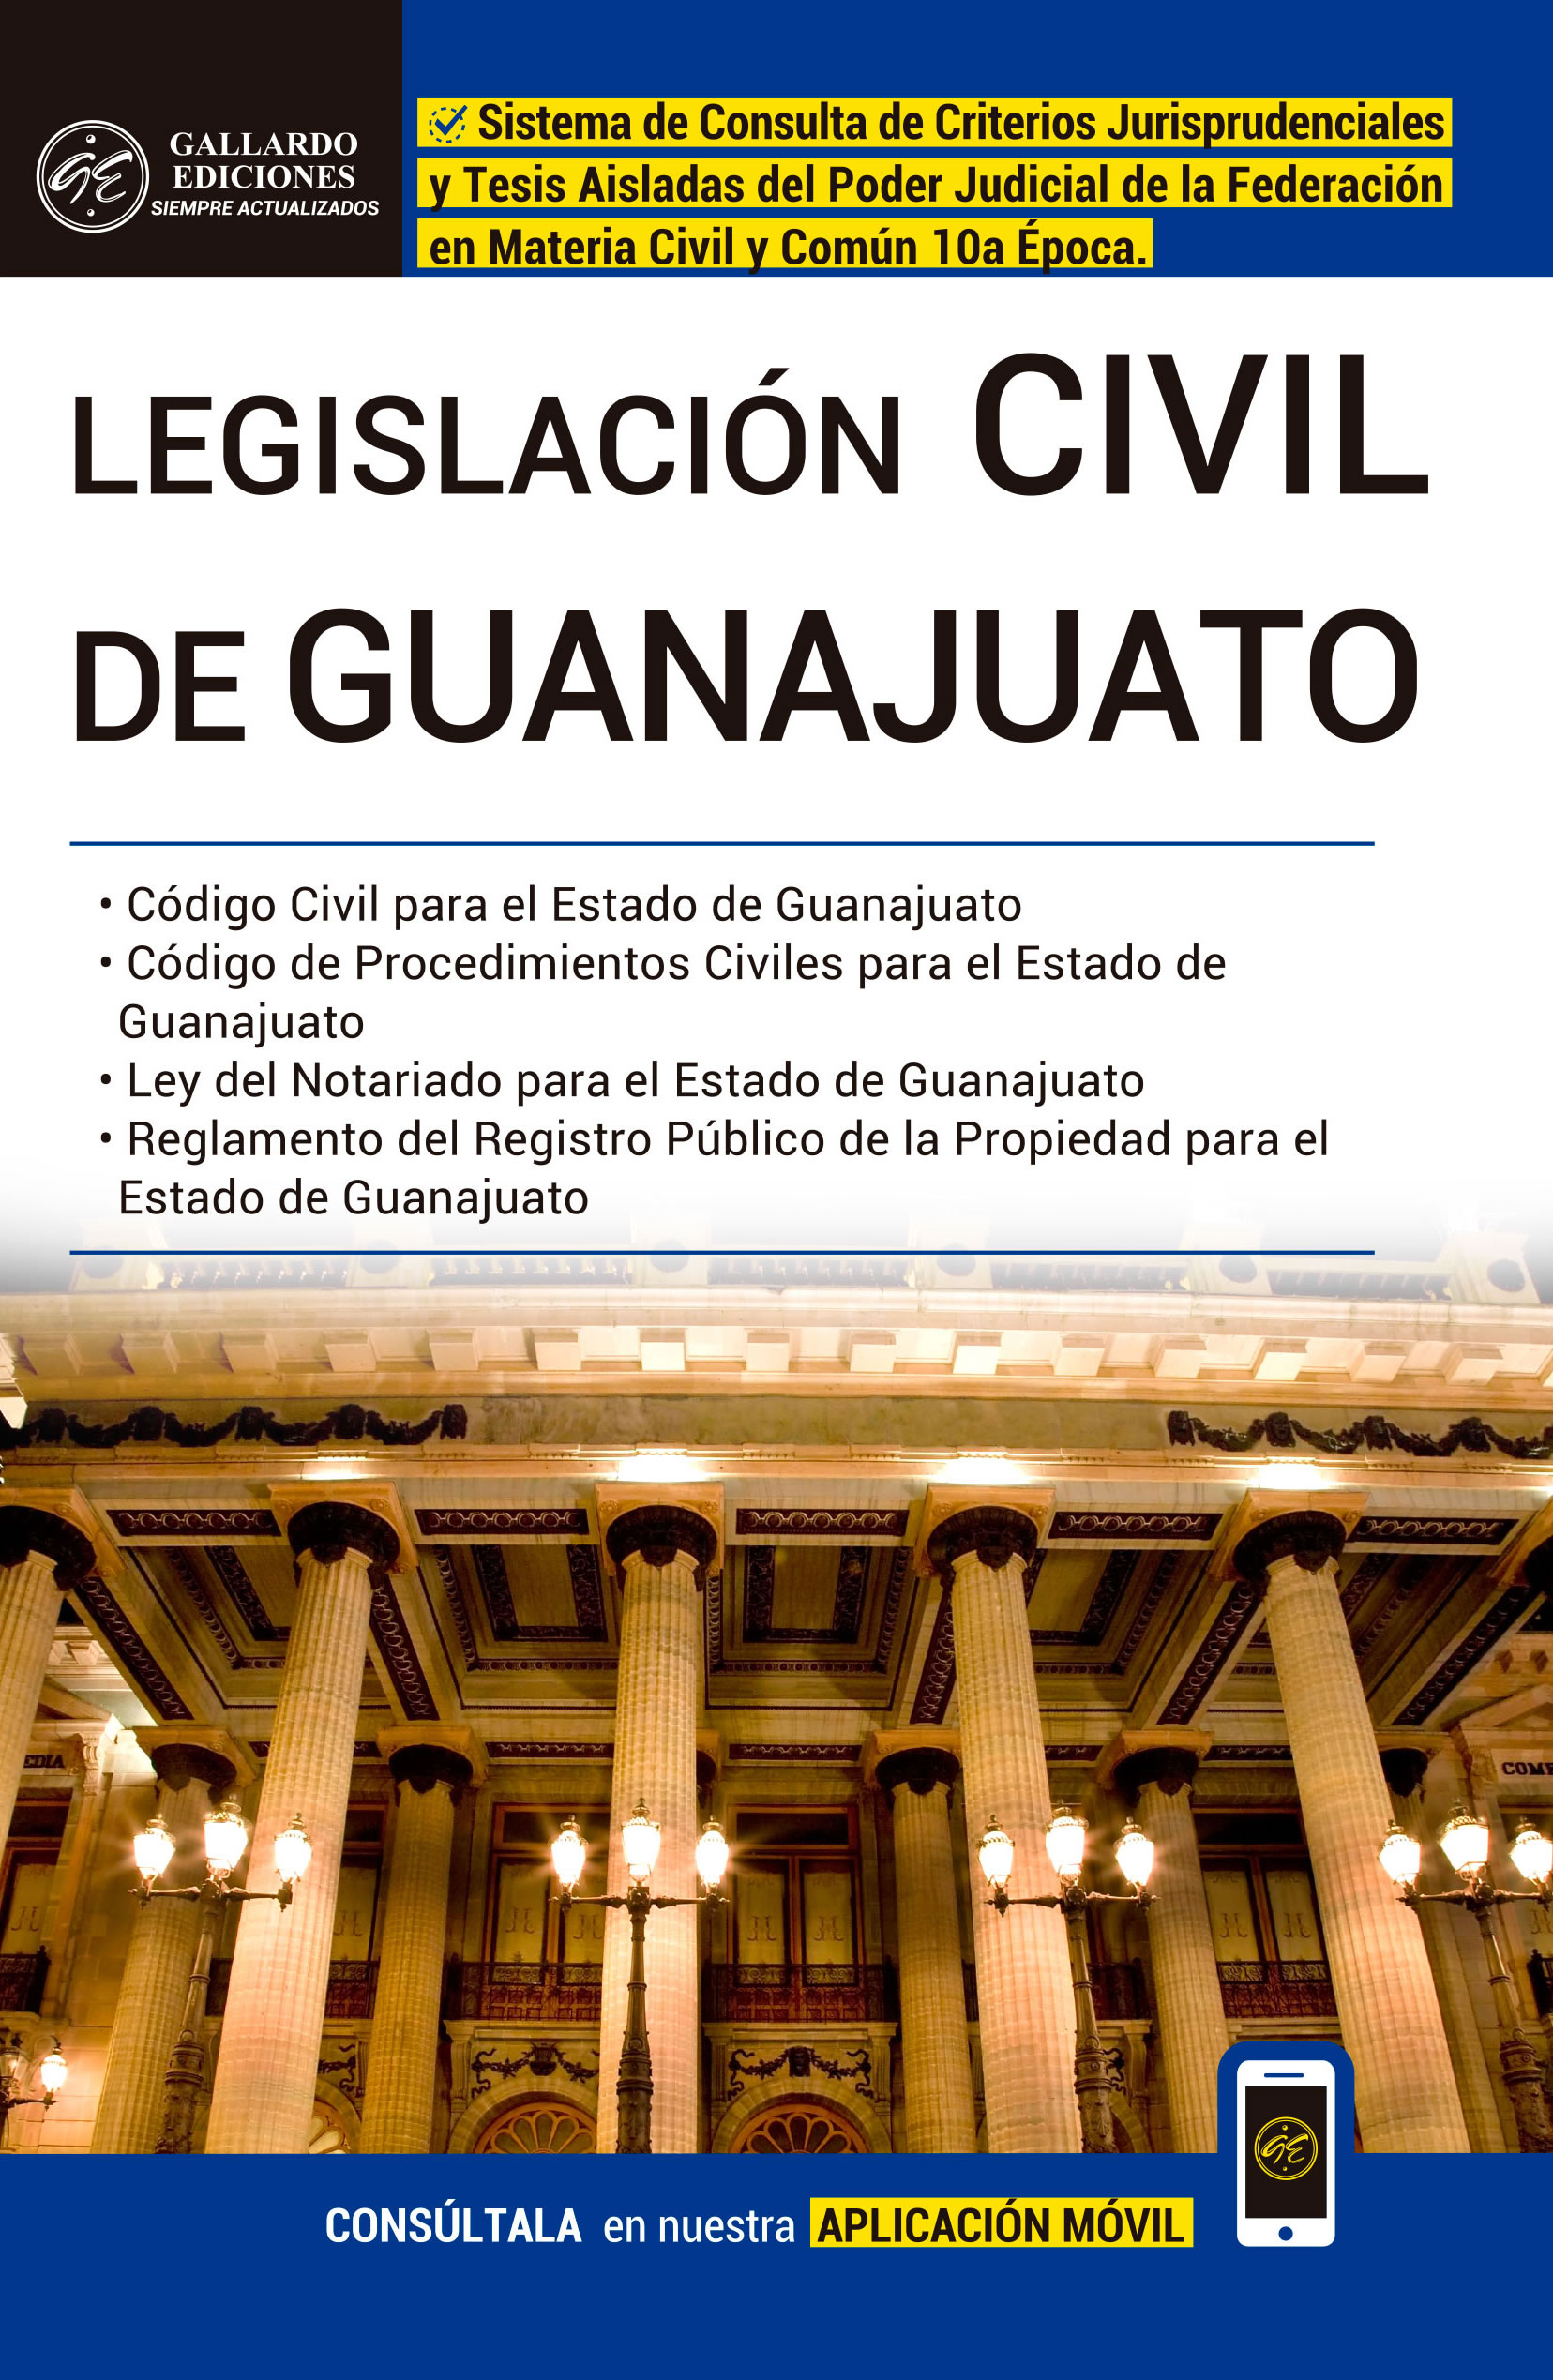 Legislación Civil del Estado de Guanajuato